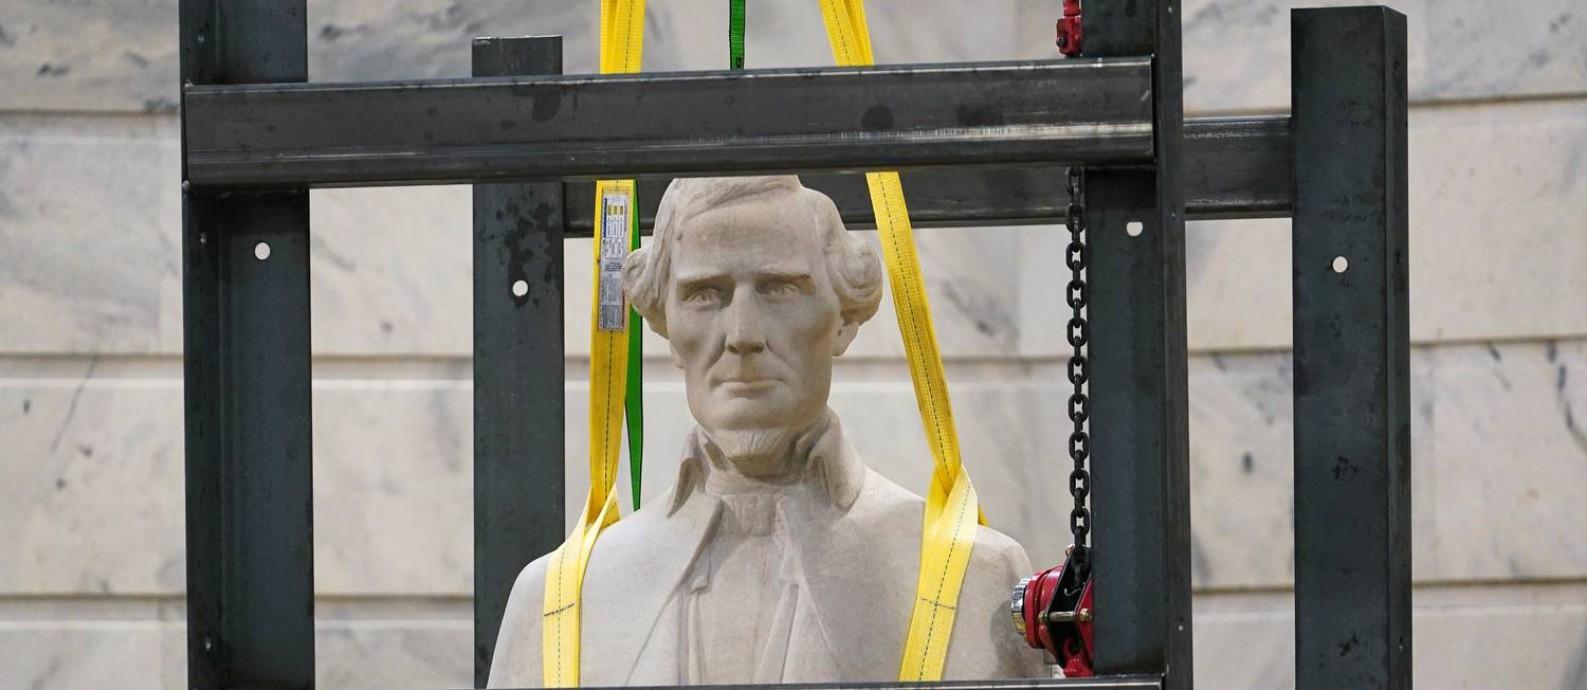 Estátua de Jefferson Davis, presidente dos Estados Confederados, que se opunham ao fim da escravidão na Guerra Civil Americana, é removida do Capitólio, a sede do Congresso em Washington Foto: BRYAN WOOLSTON / REUTERS